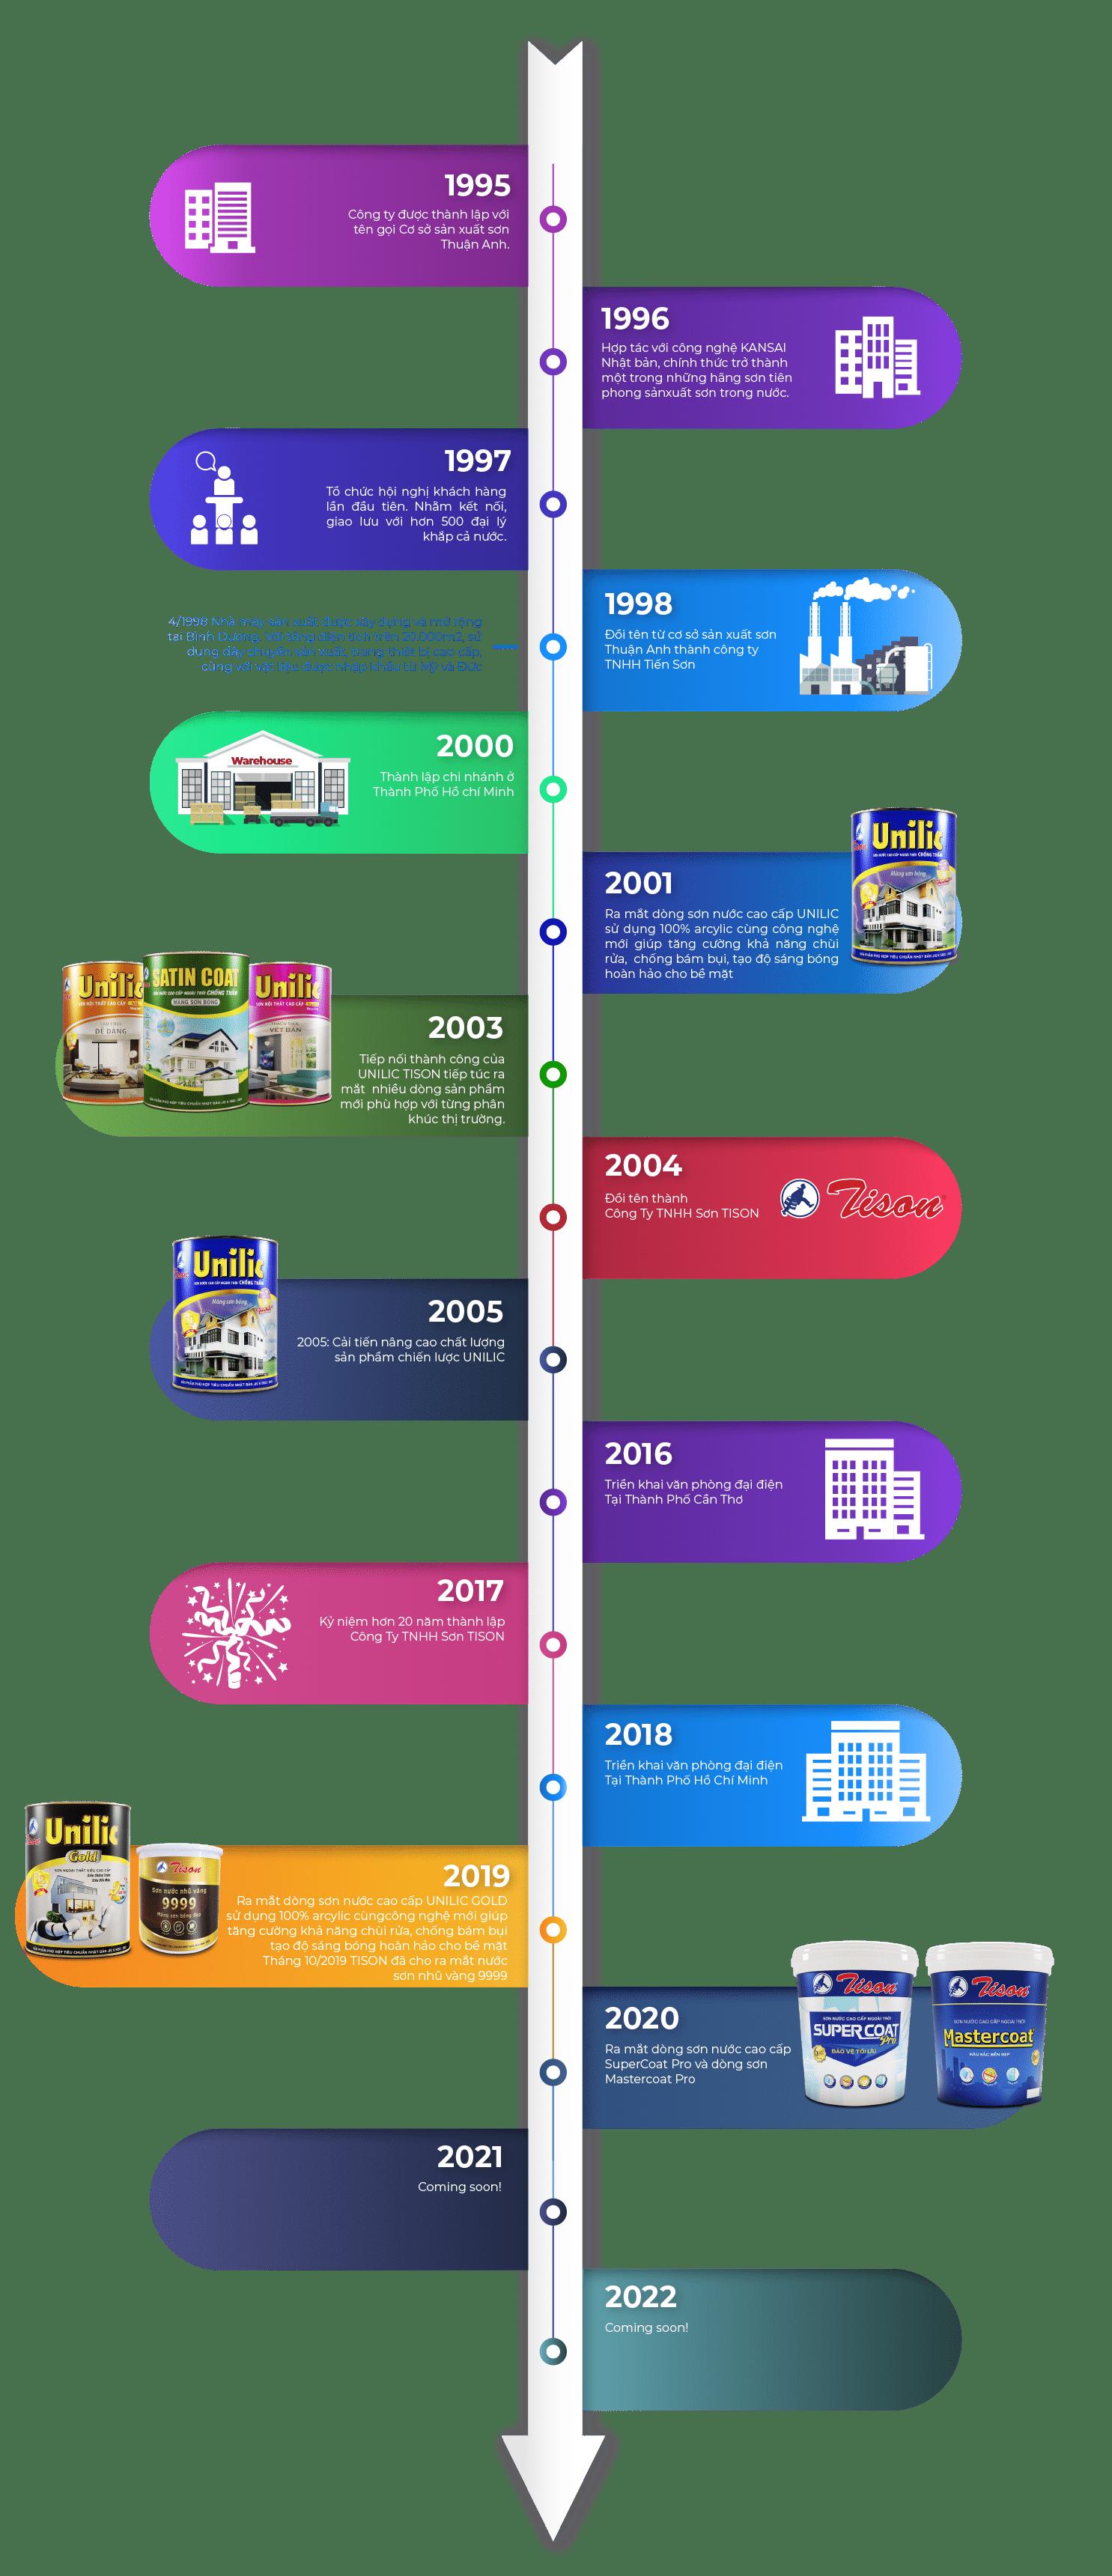 https://tisonpaint.vn/wp-content/uploads/2020/09/timeline-tison.png